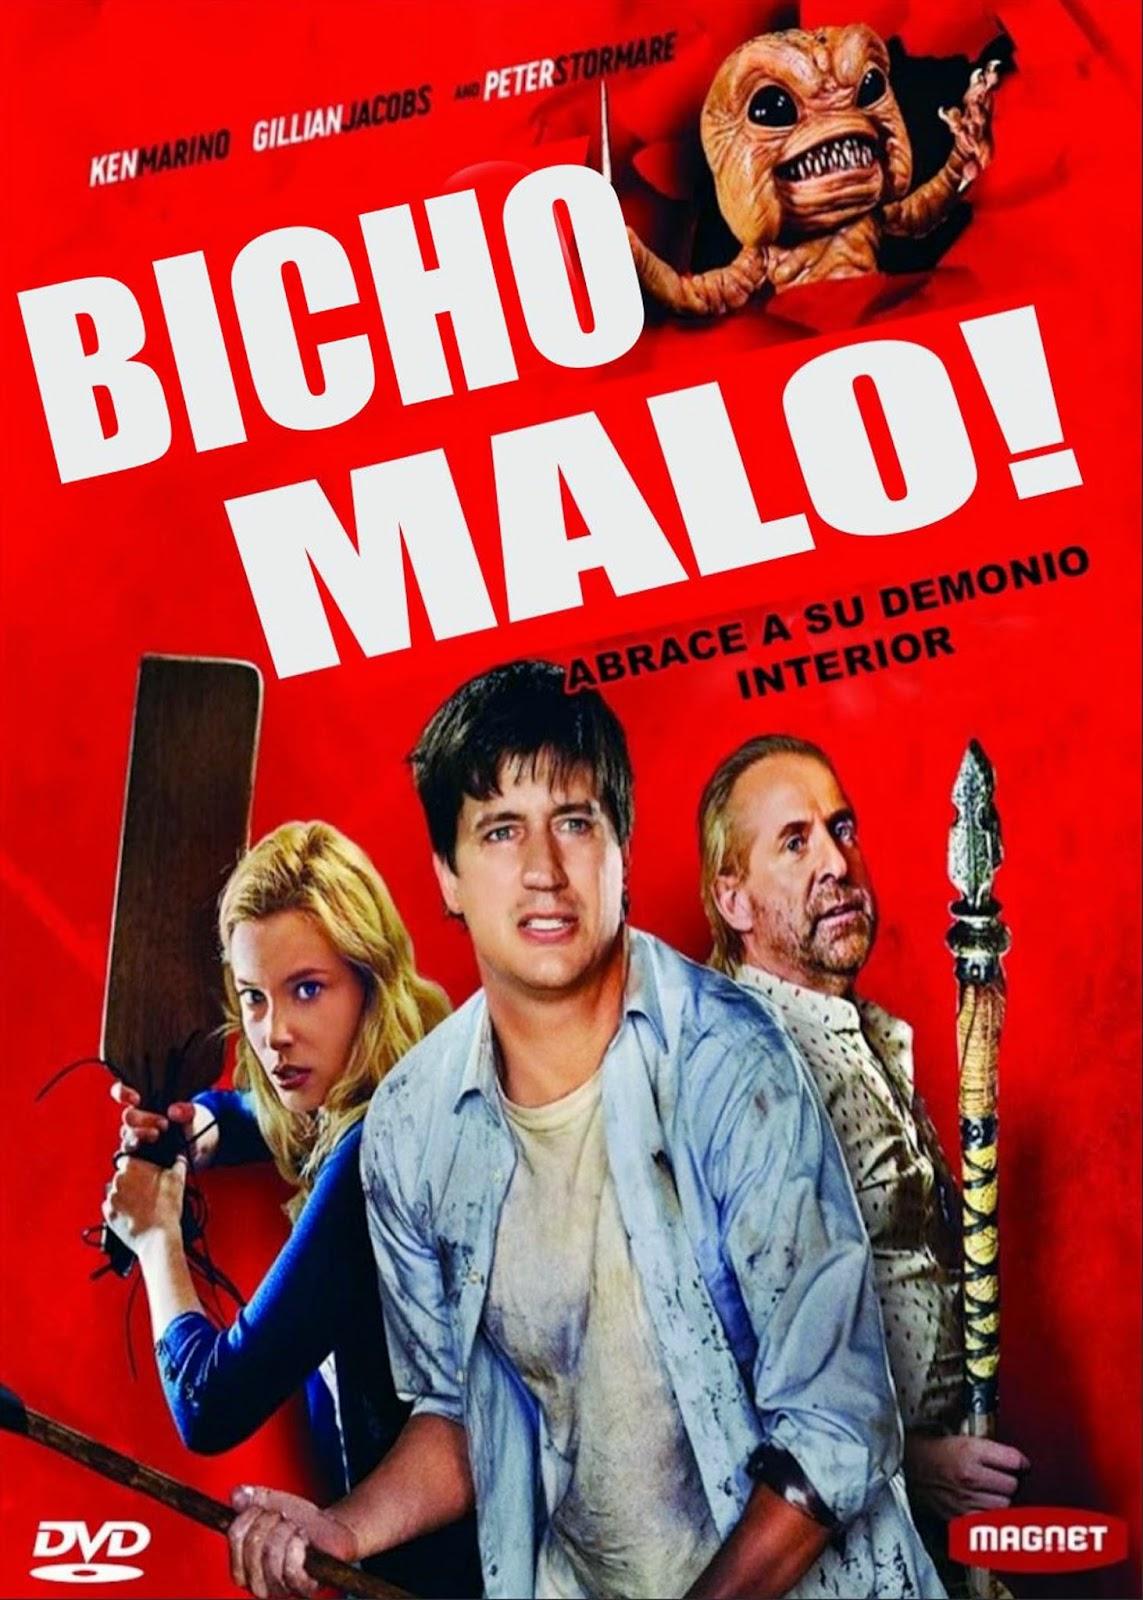 Bicho malo - Bad Milo! (2012)